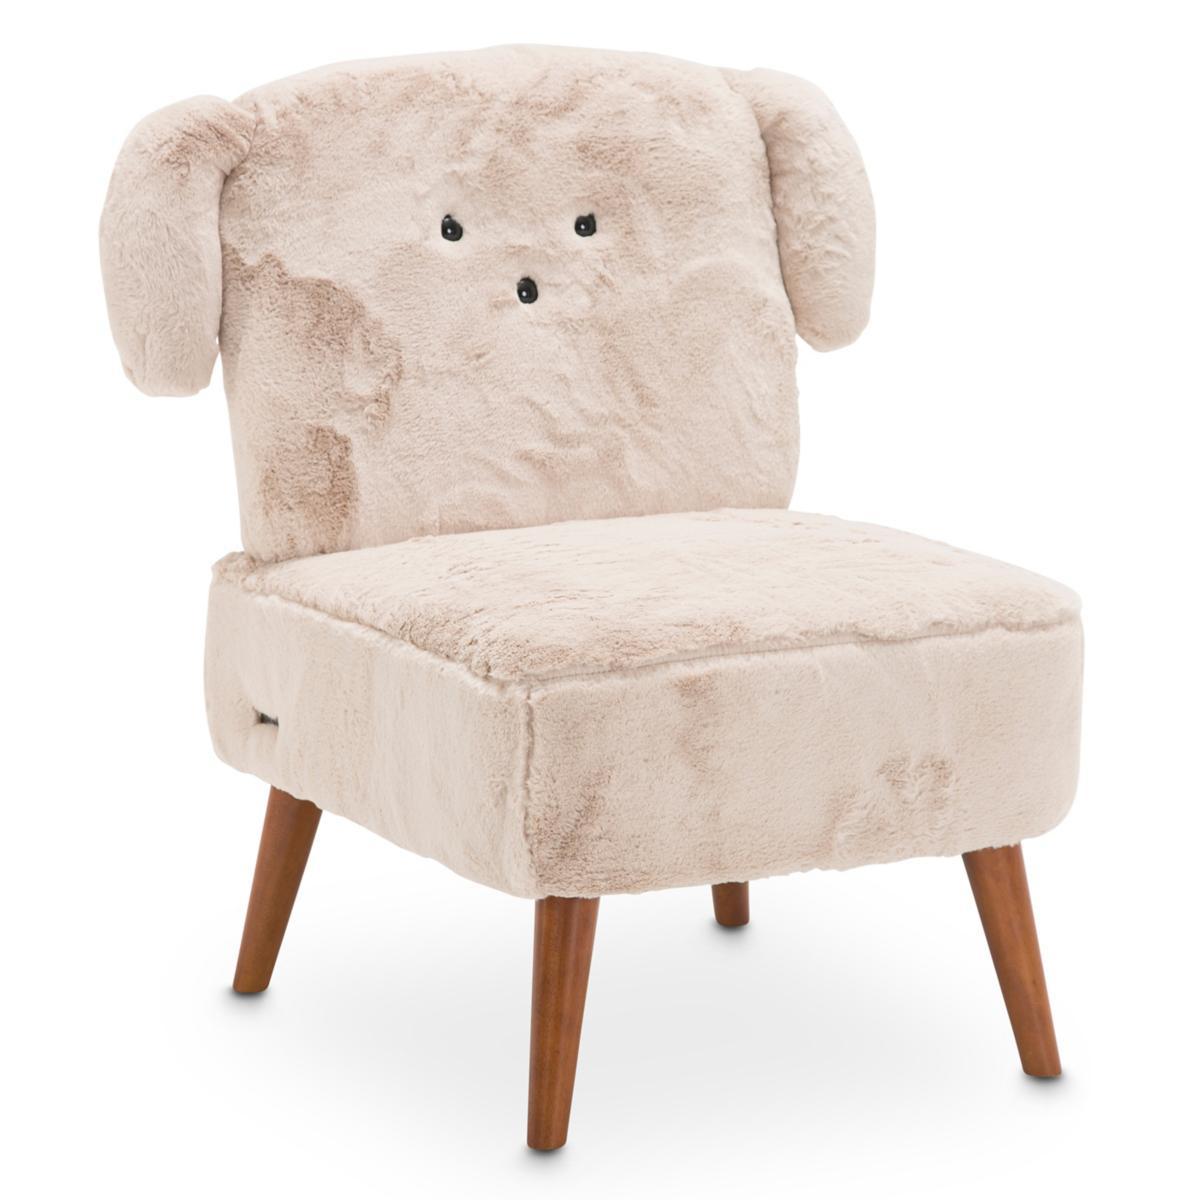 512944 Puppy Chair - 18